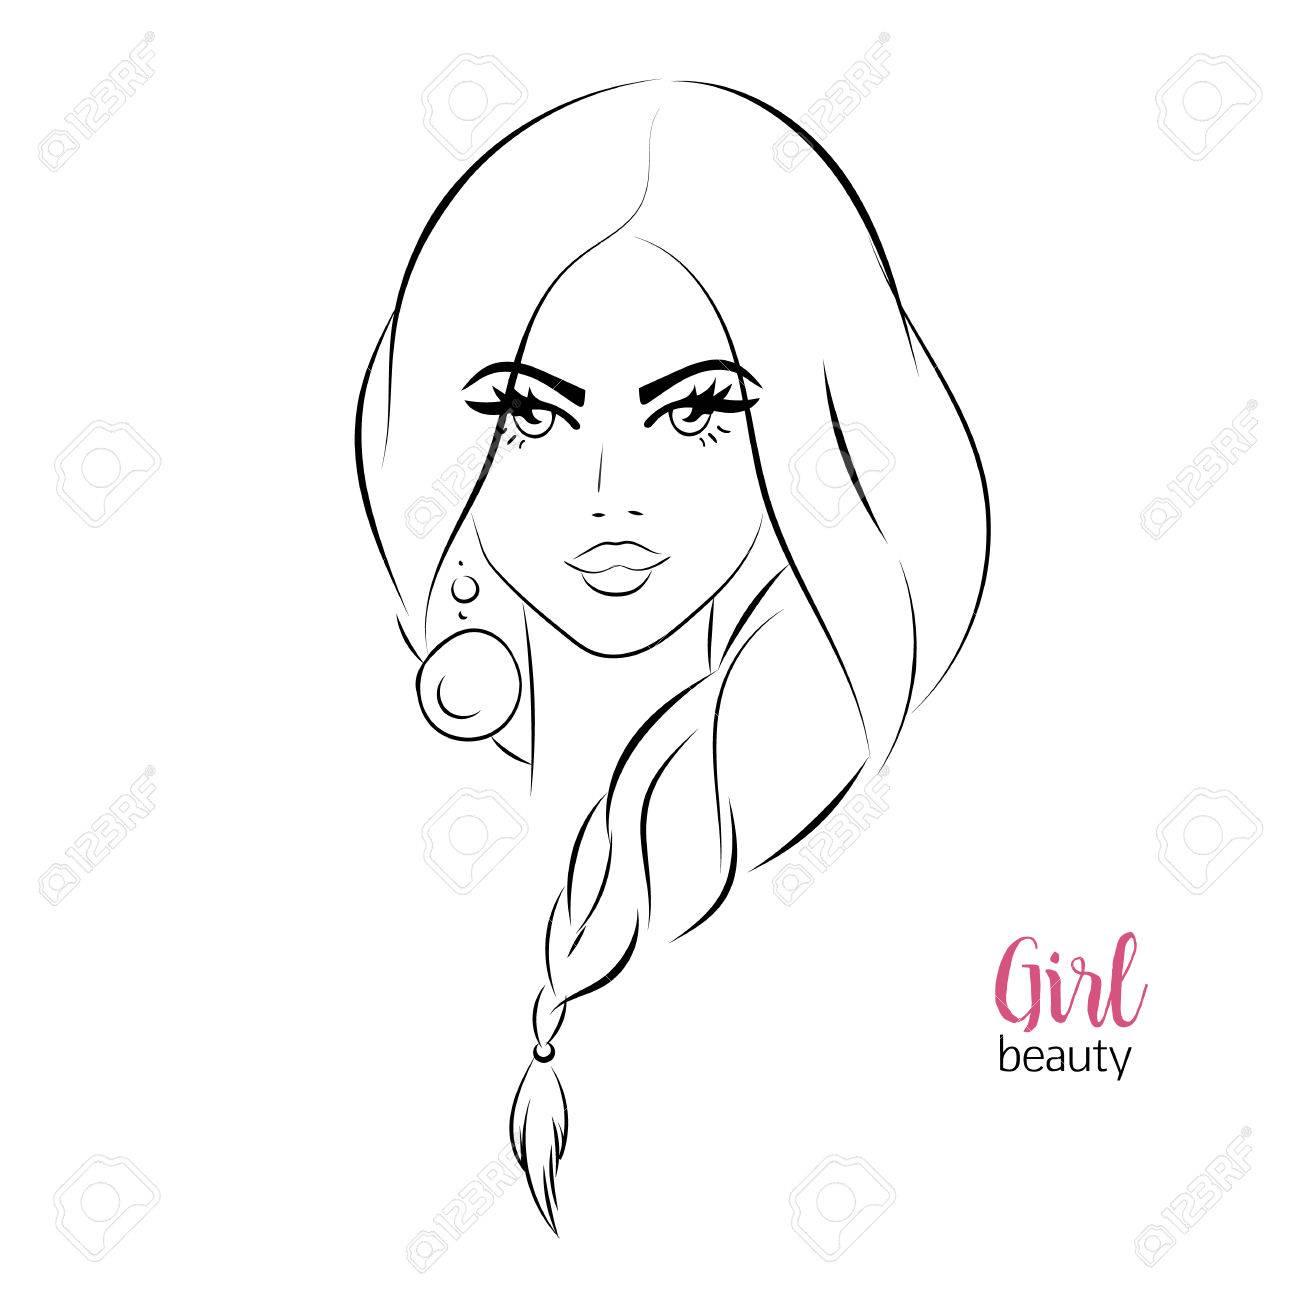 美しい女性太いまつげや髪のイラストで女の子の顔のクローズ アップの